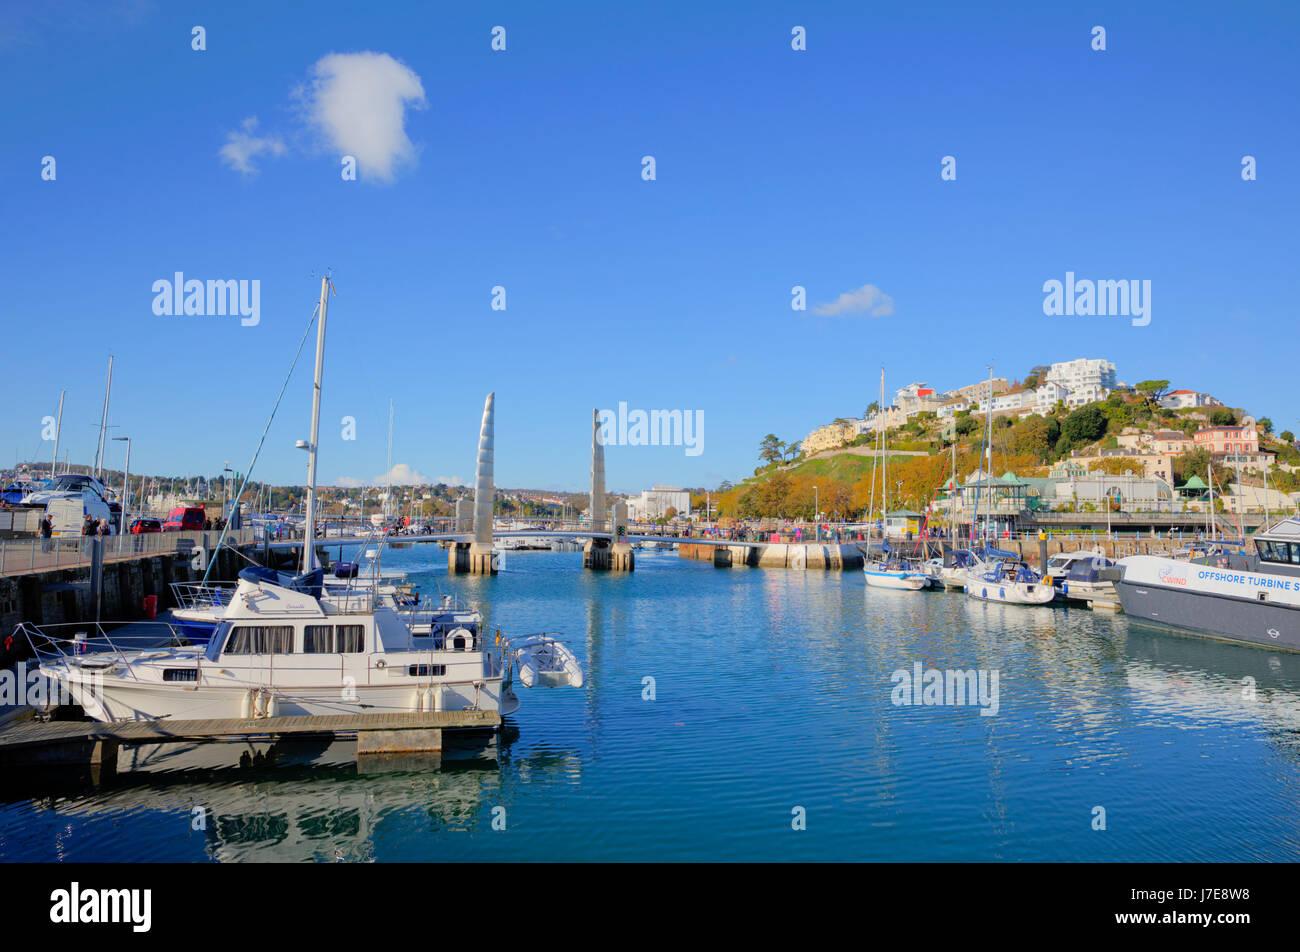 Torquay Devon con barcos y yates UK destino turístico cielo azul y el mar Imagen De Stock